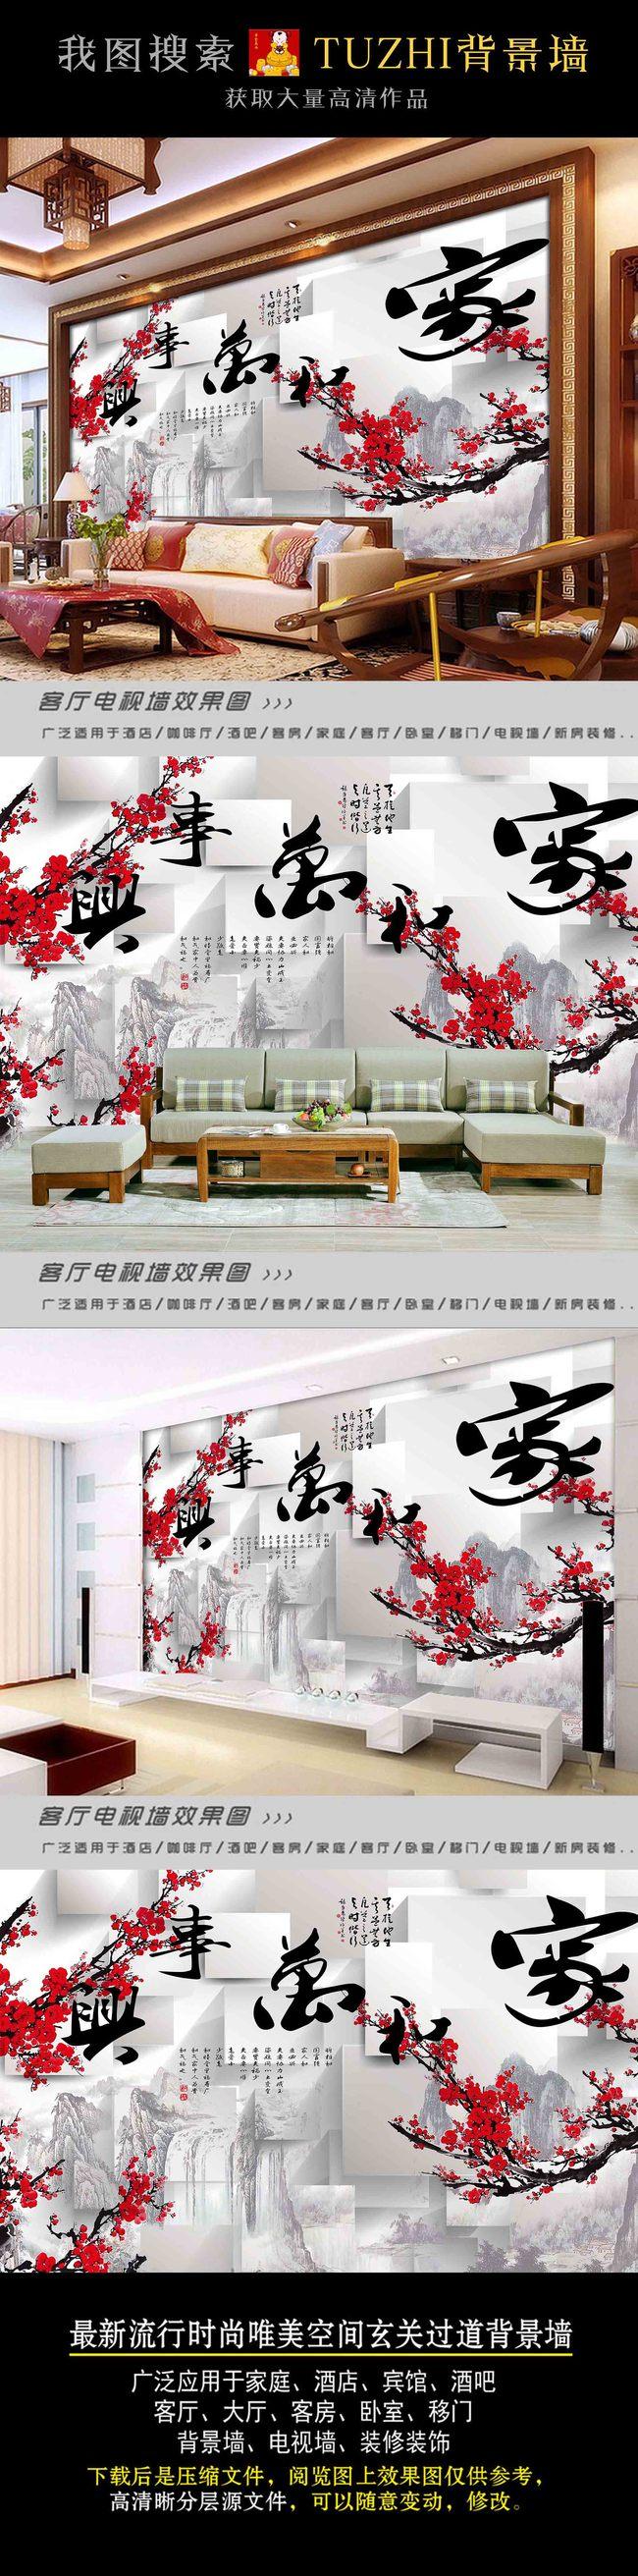 模板下载 3d中式家和万事兴梅花古典水墨背景墙图片